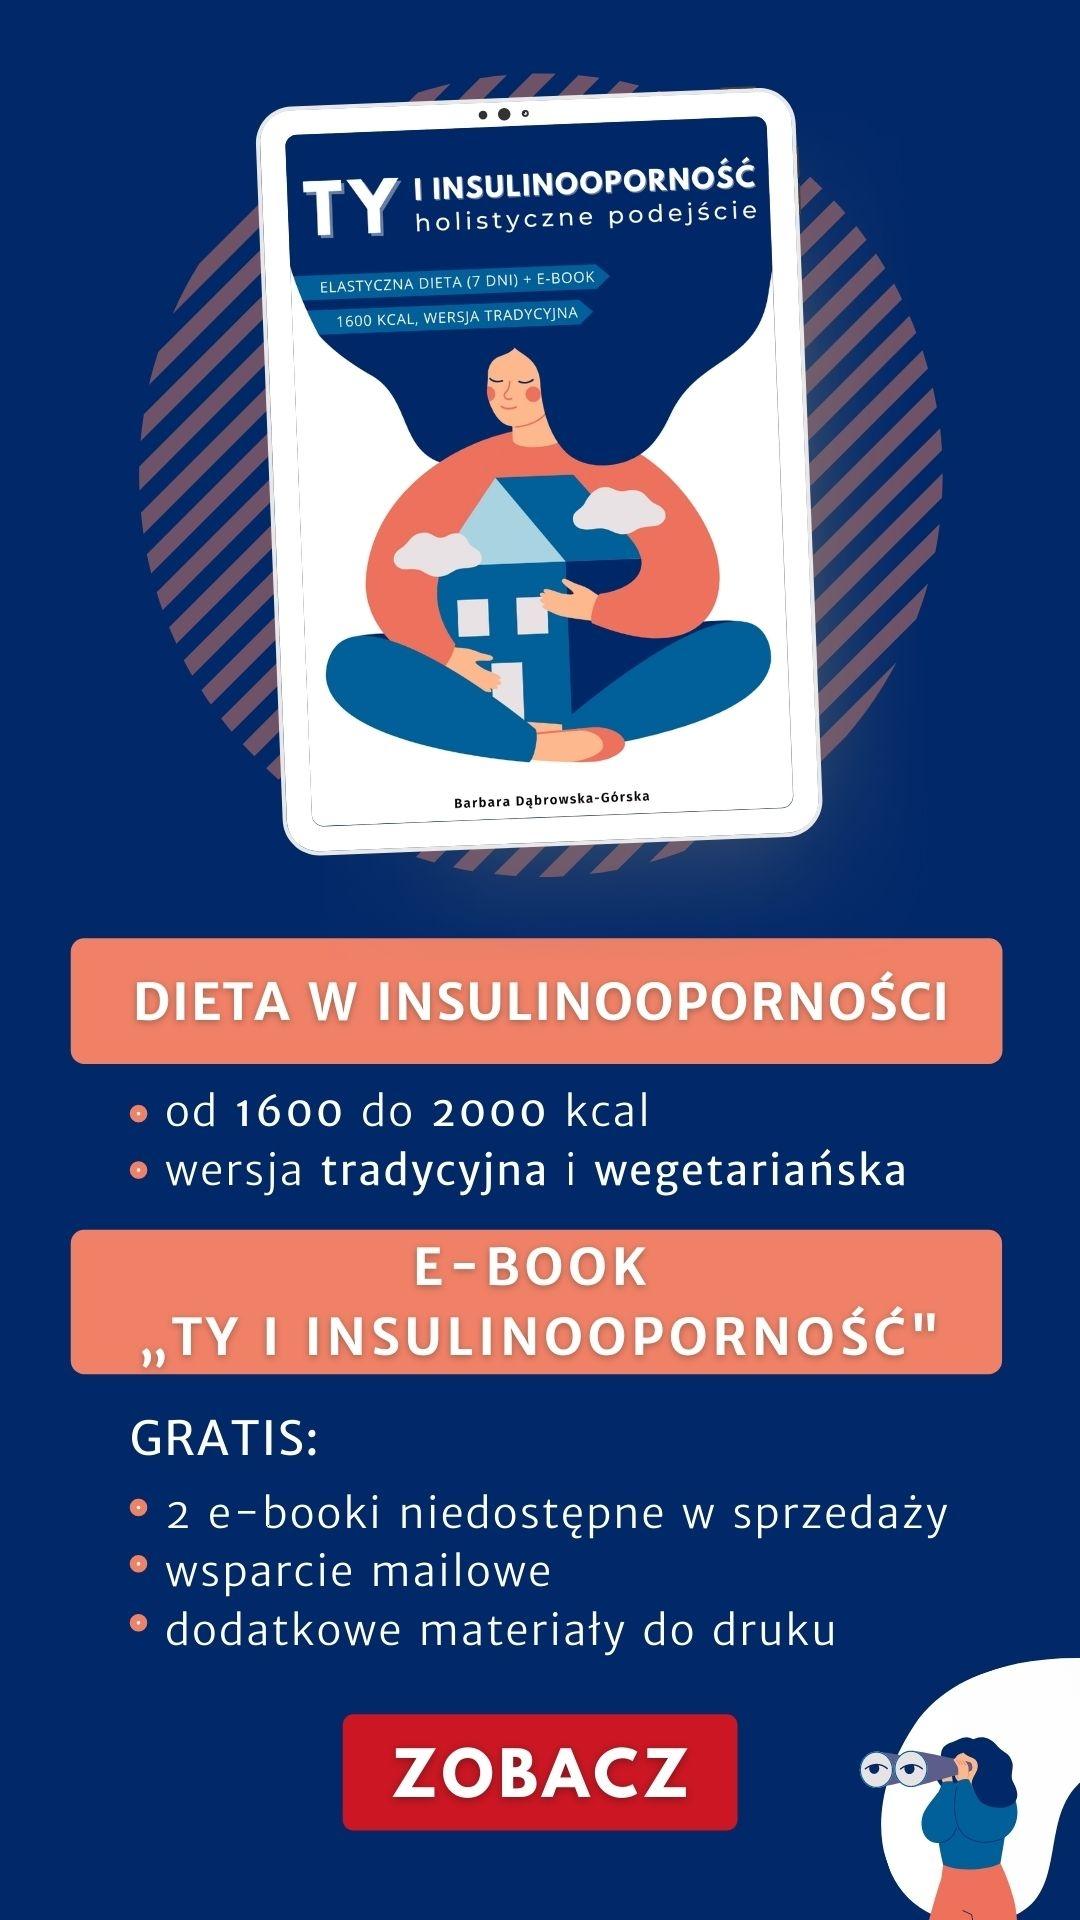 Insulinooporność ebook Banner 3 - PION na www